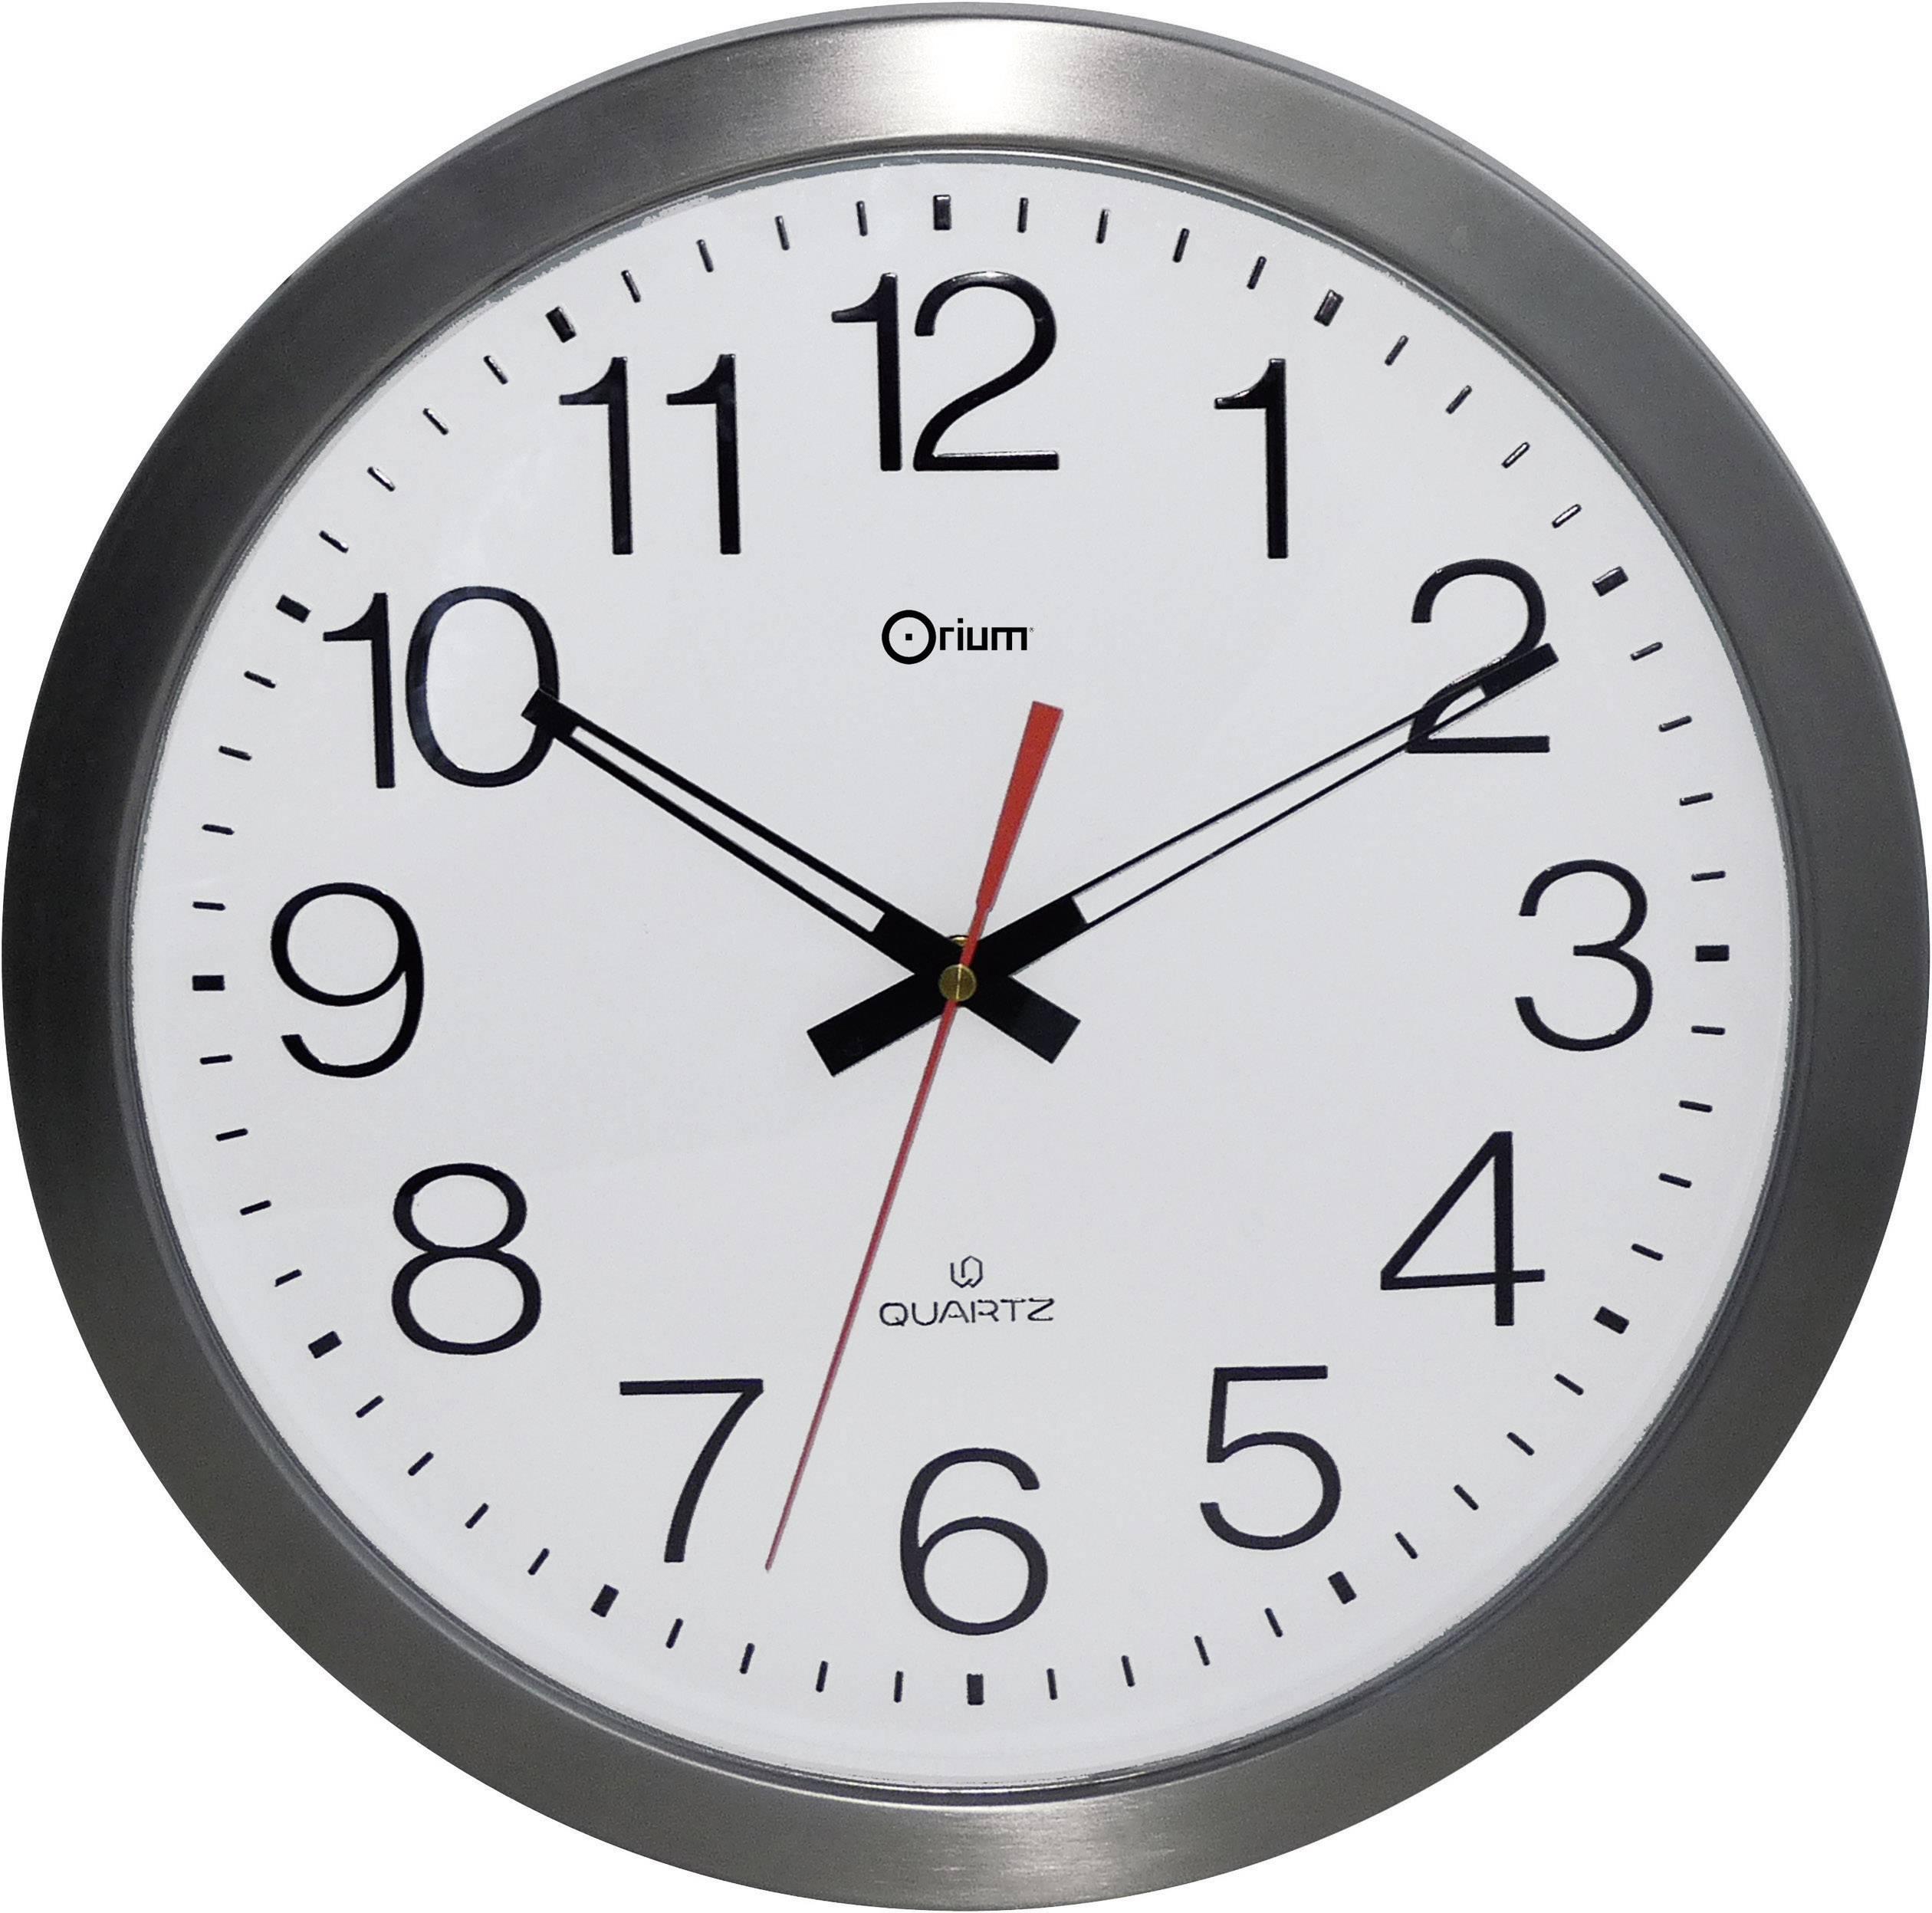 Horloge murale Orium 11385 35 cm x 4.5 cm acier inoxydable radiopiloté(e) 1 pc(s)